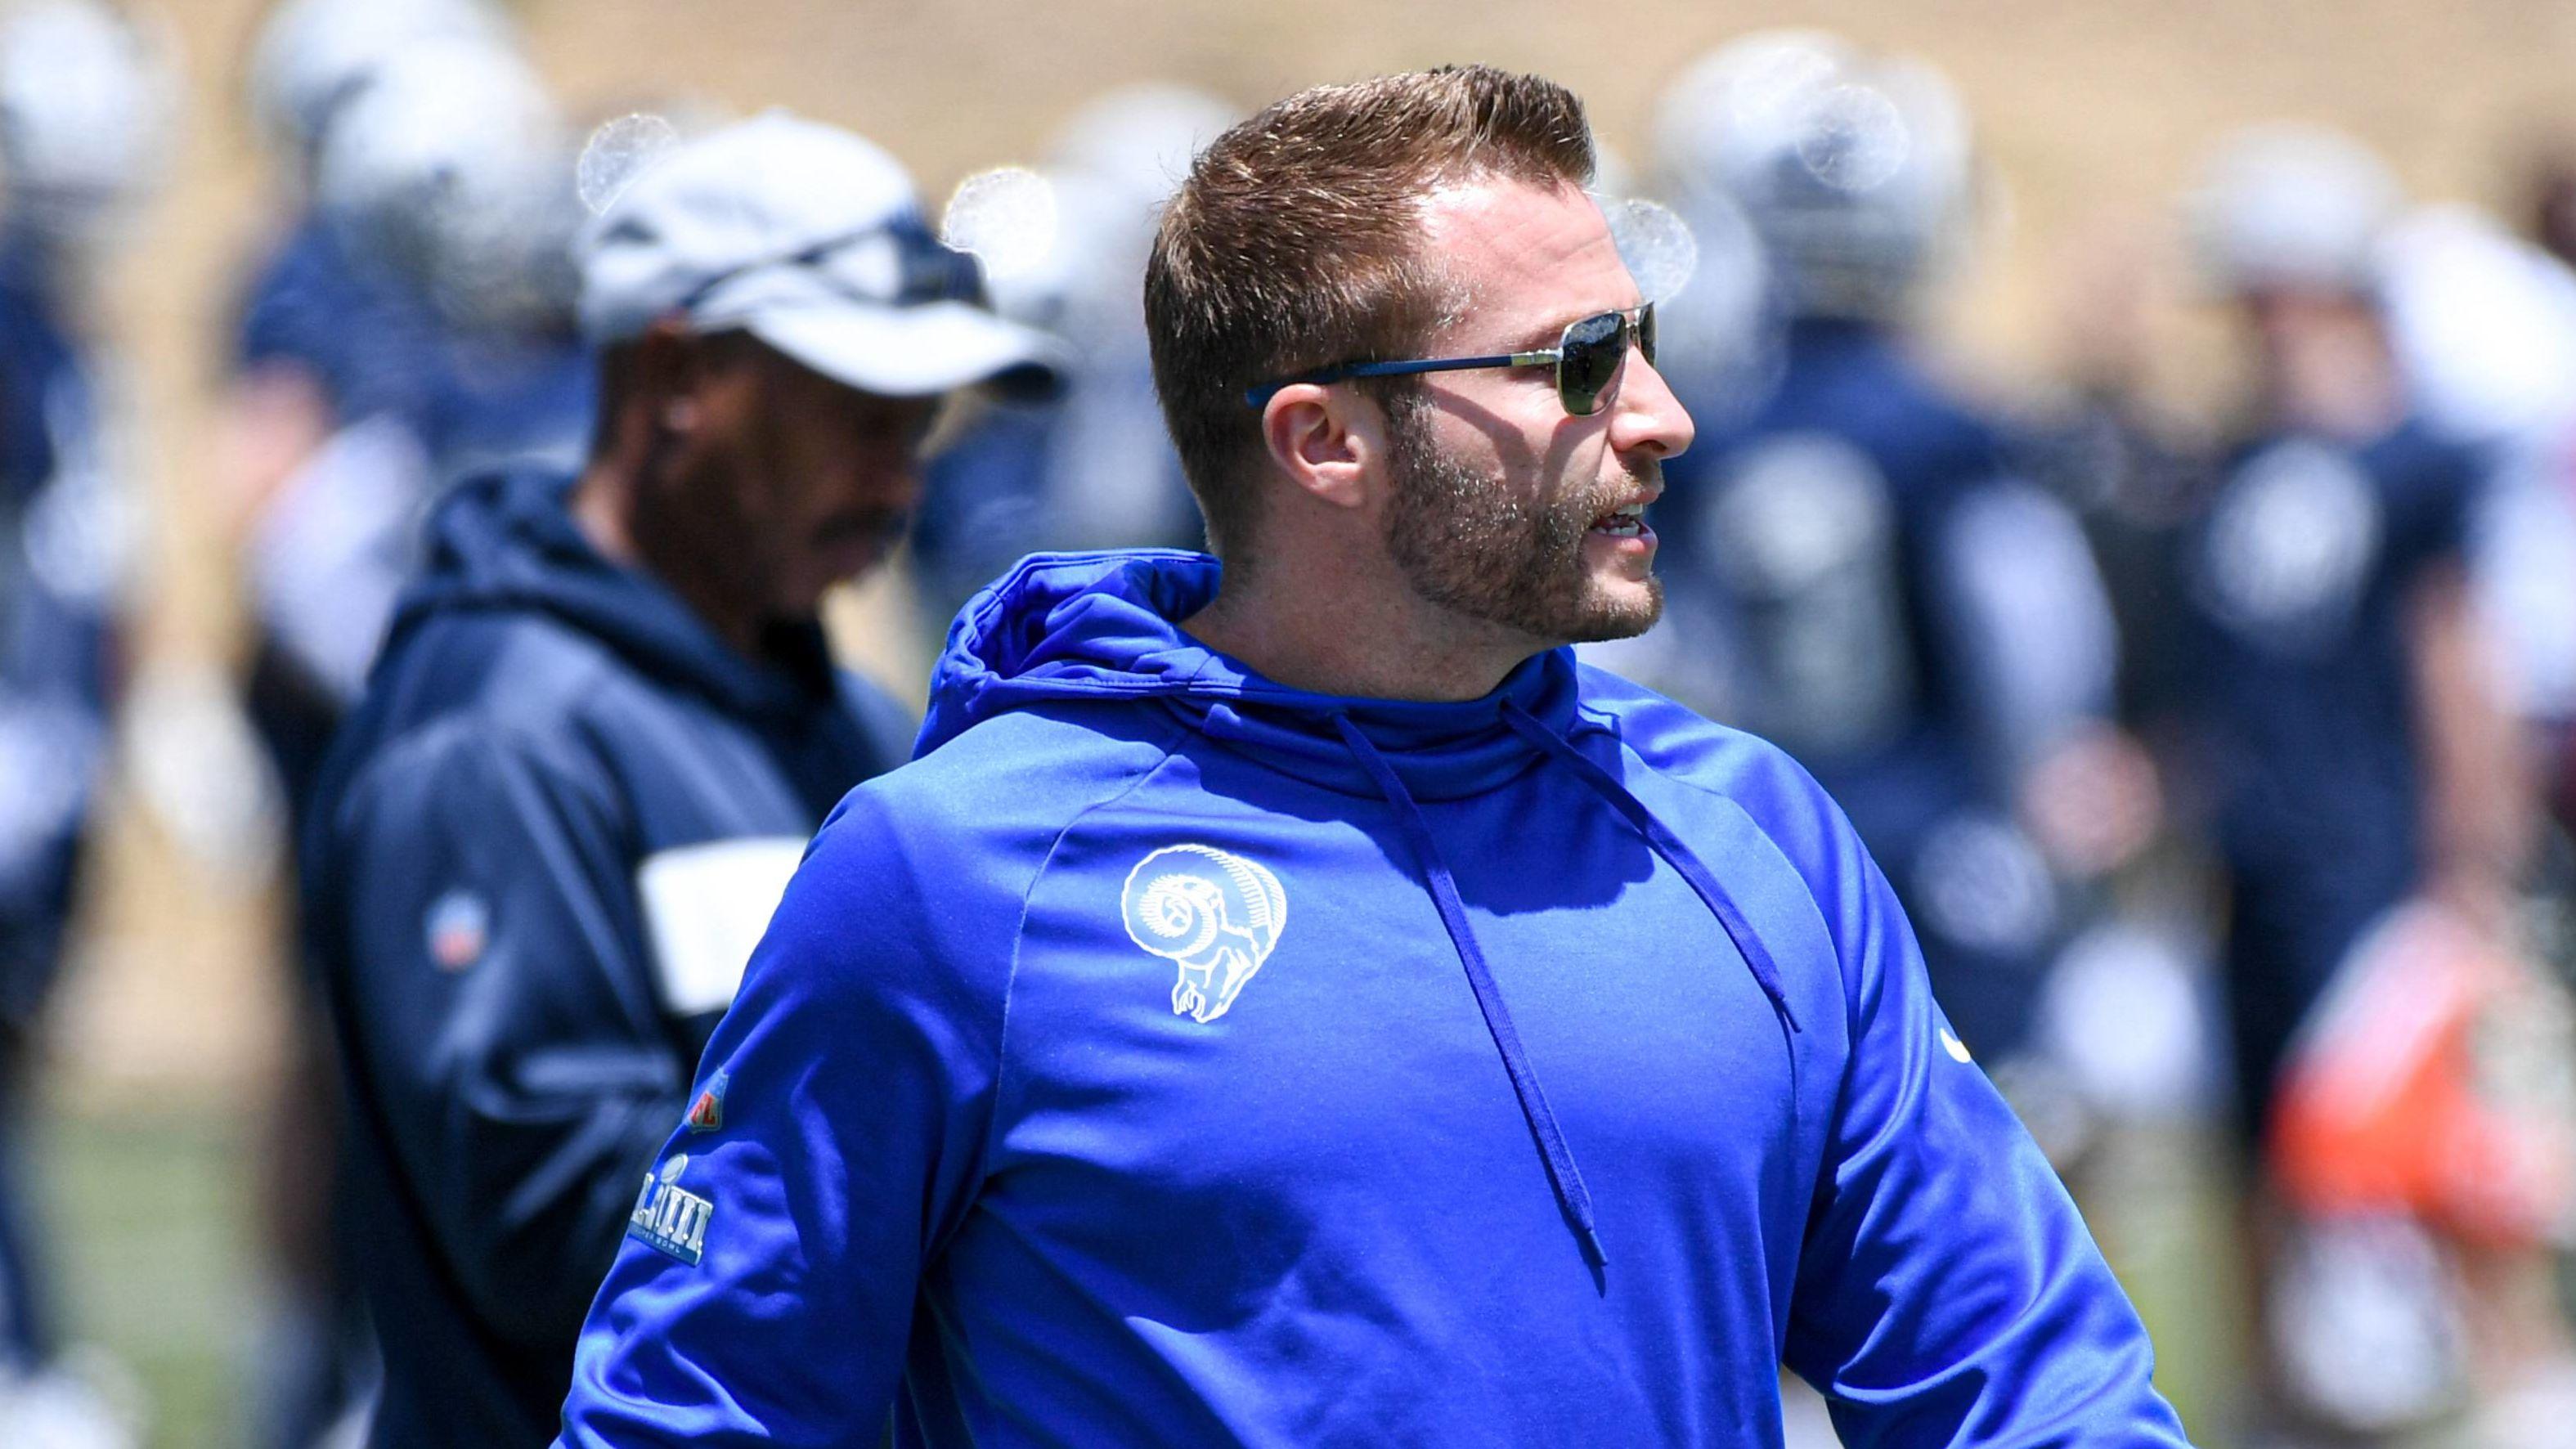 Vertragsverlängerung hoch zwei: Rams und Steelers binden Trainer - Head Coaches McVay und Tomlin bleiben ihren Franchises treu